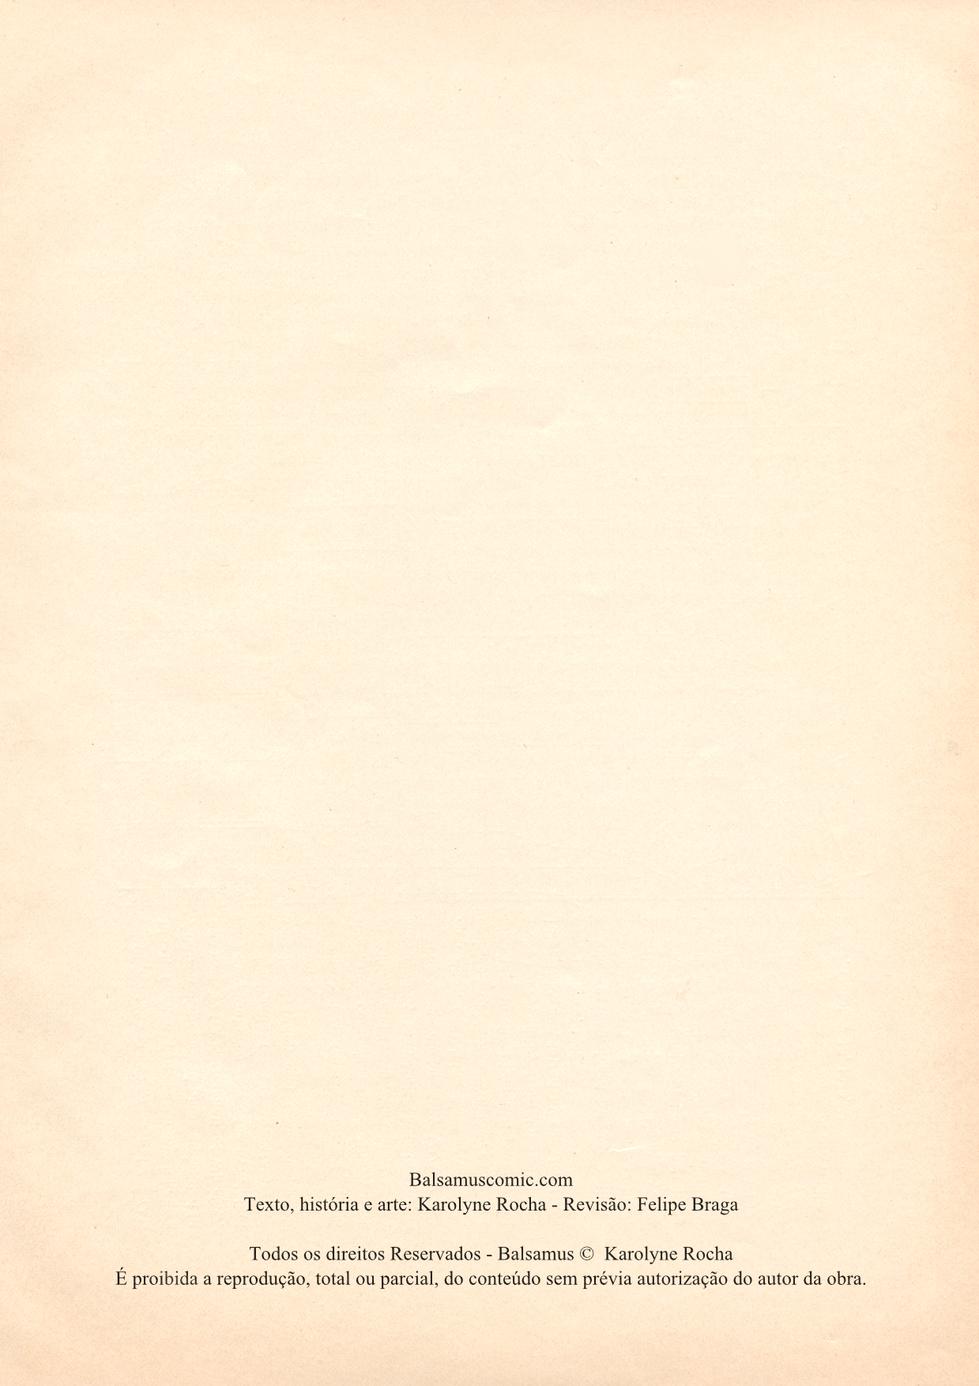 O Clamor de um guerreiro-página004.png